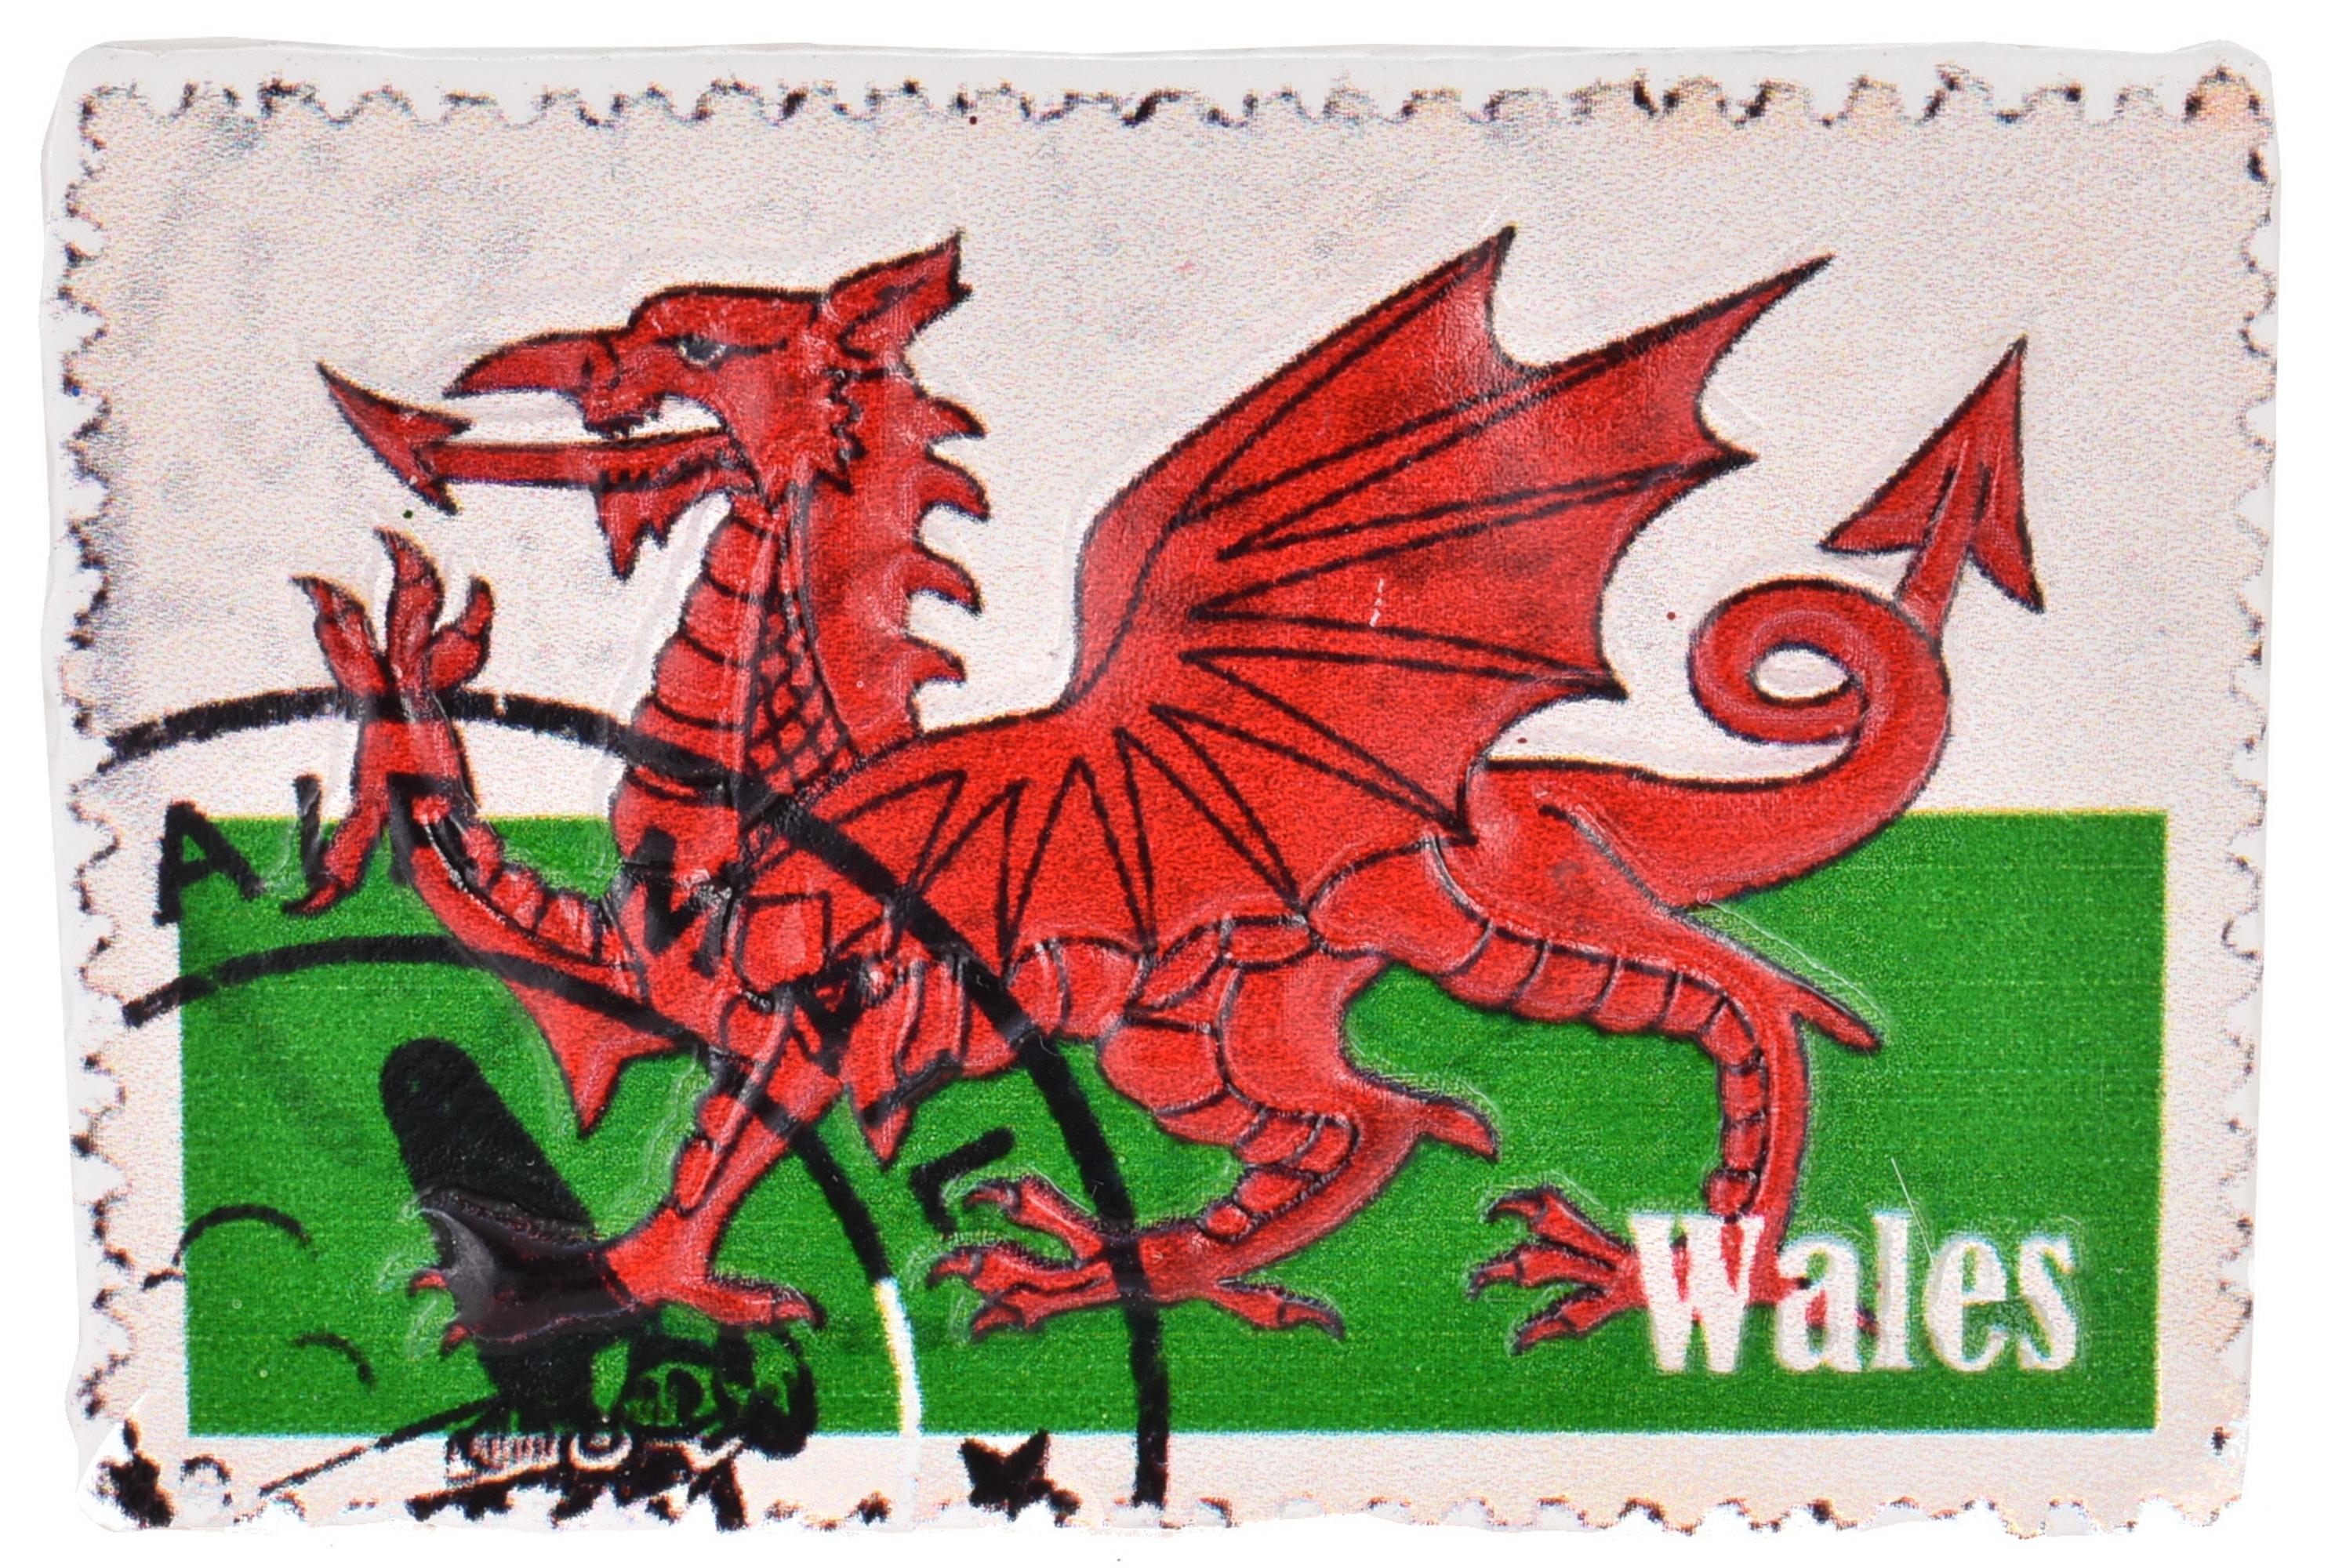 Wales Resin Magnet Flag Stamp Design Printed